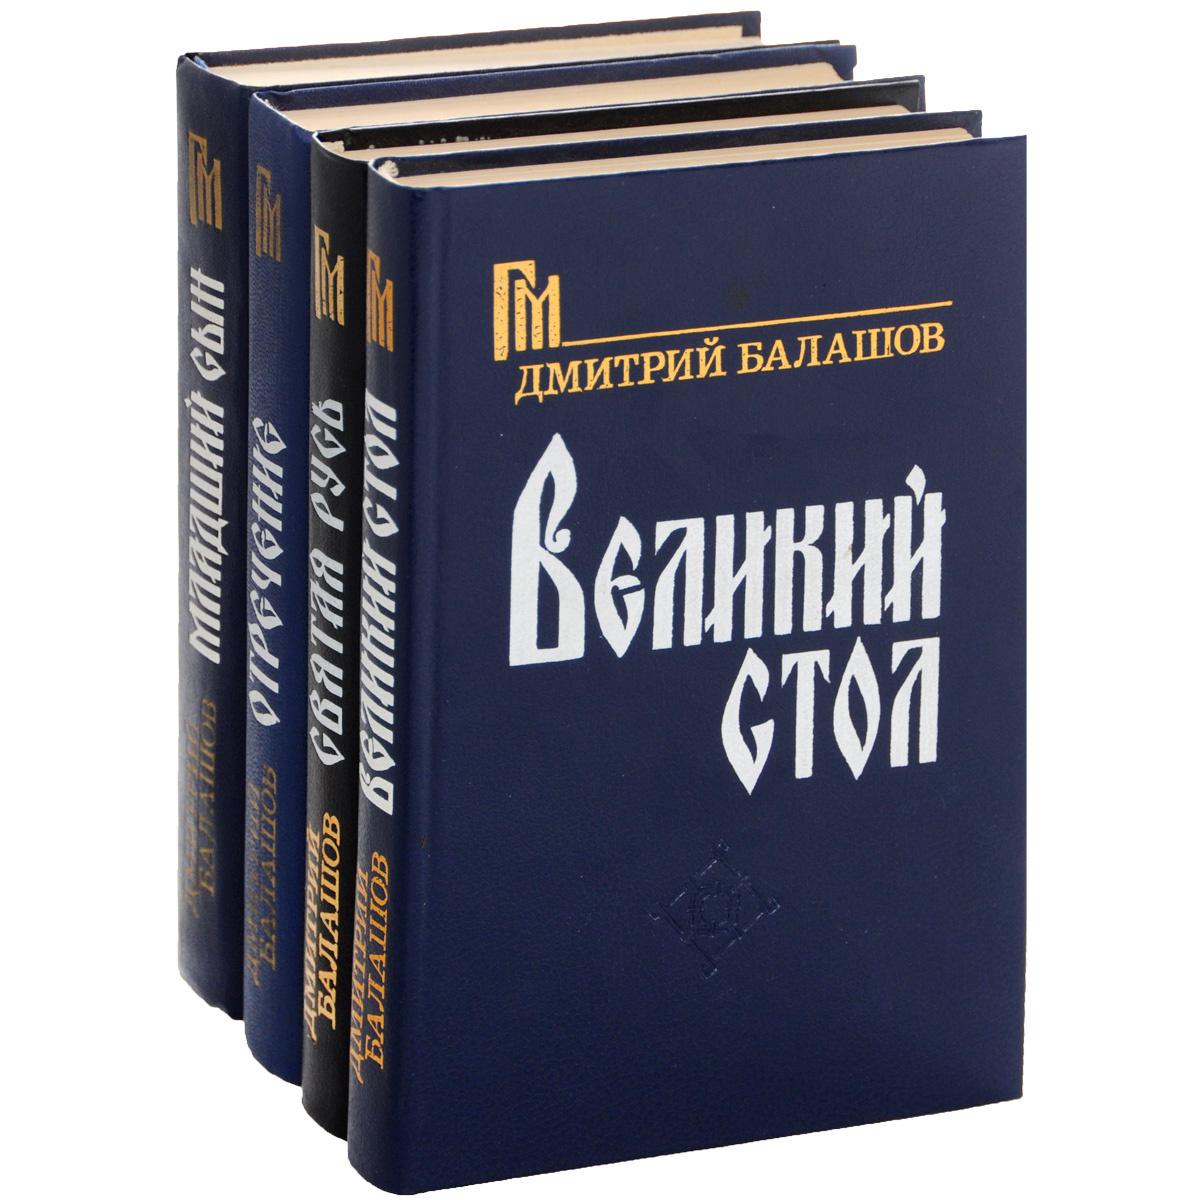 Государи московские (комплект из 4 книг) | Балашов Дмитрий Михайлович  #1